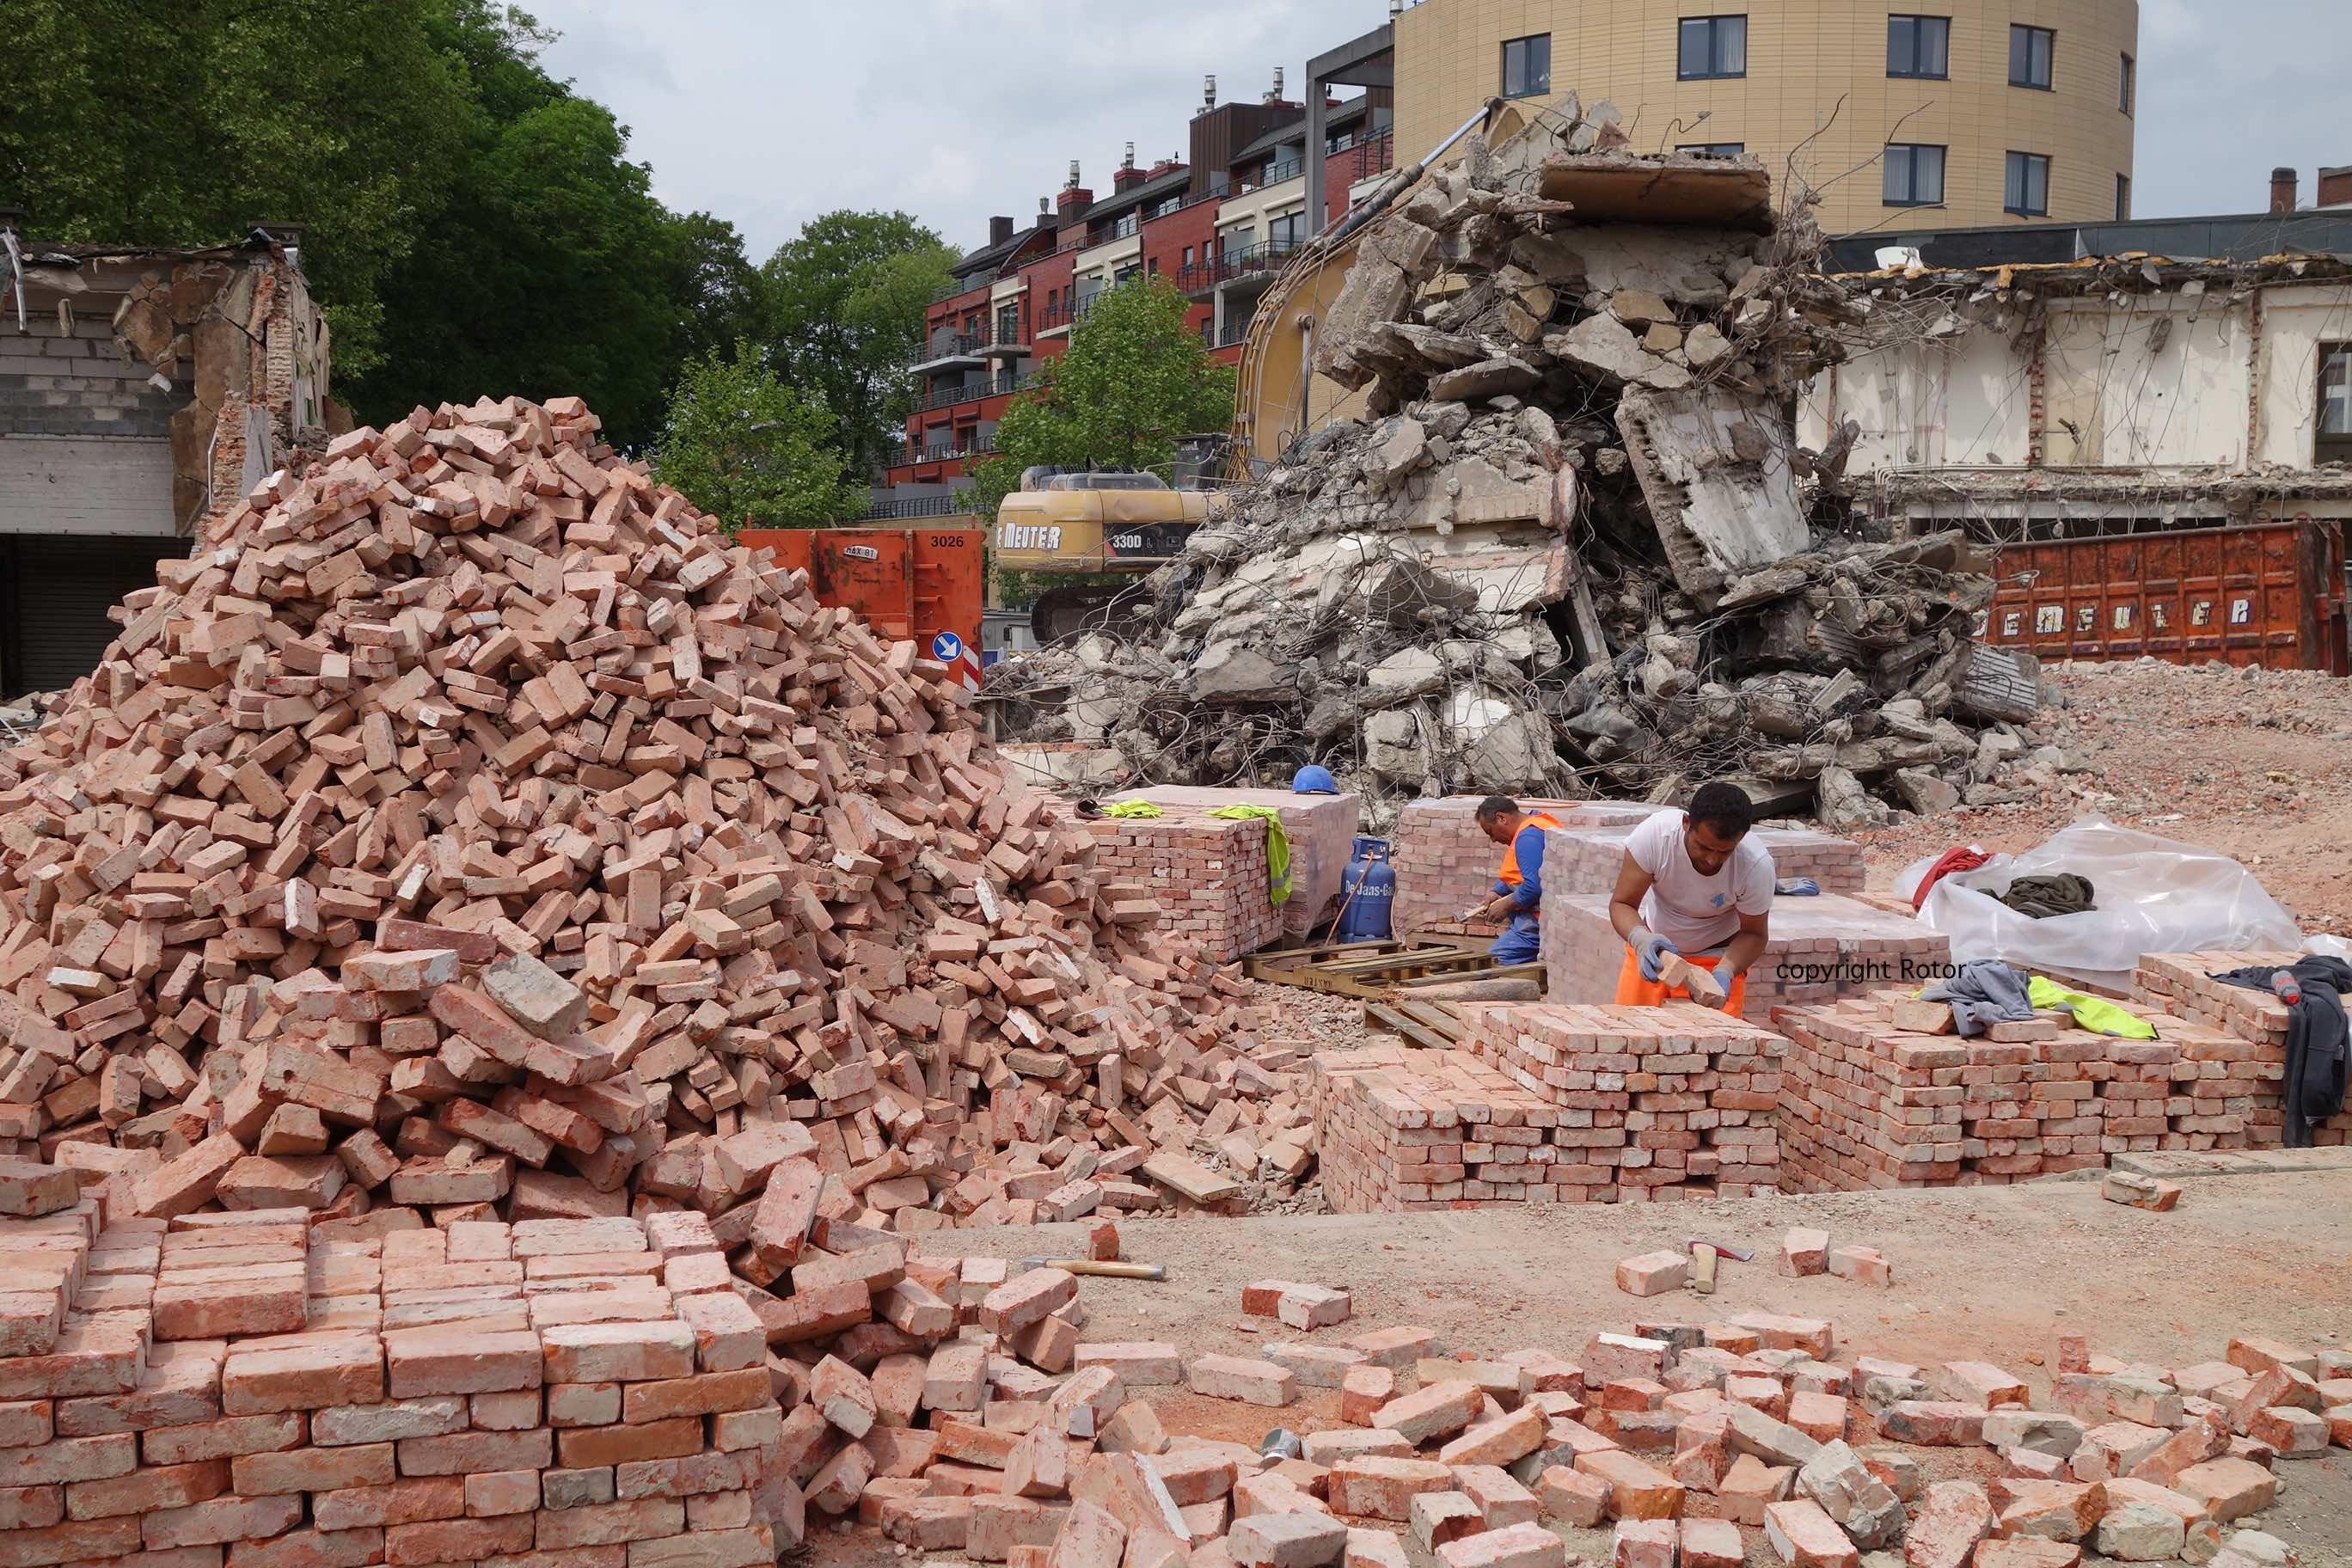 Wordt het hergebruik van bouwelementen binnenkort de norm in Europa?